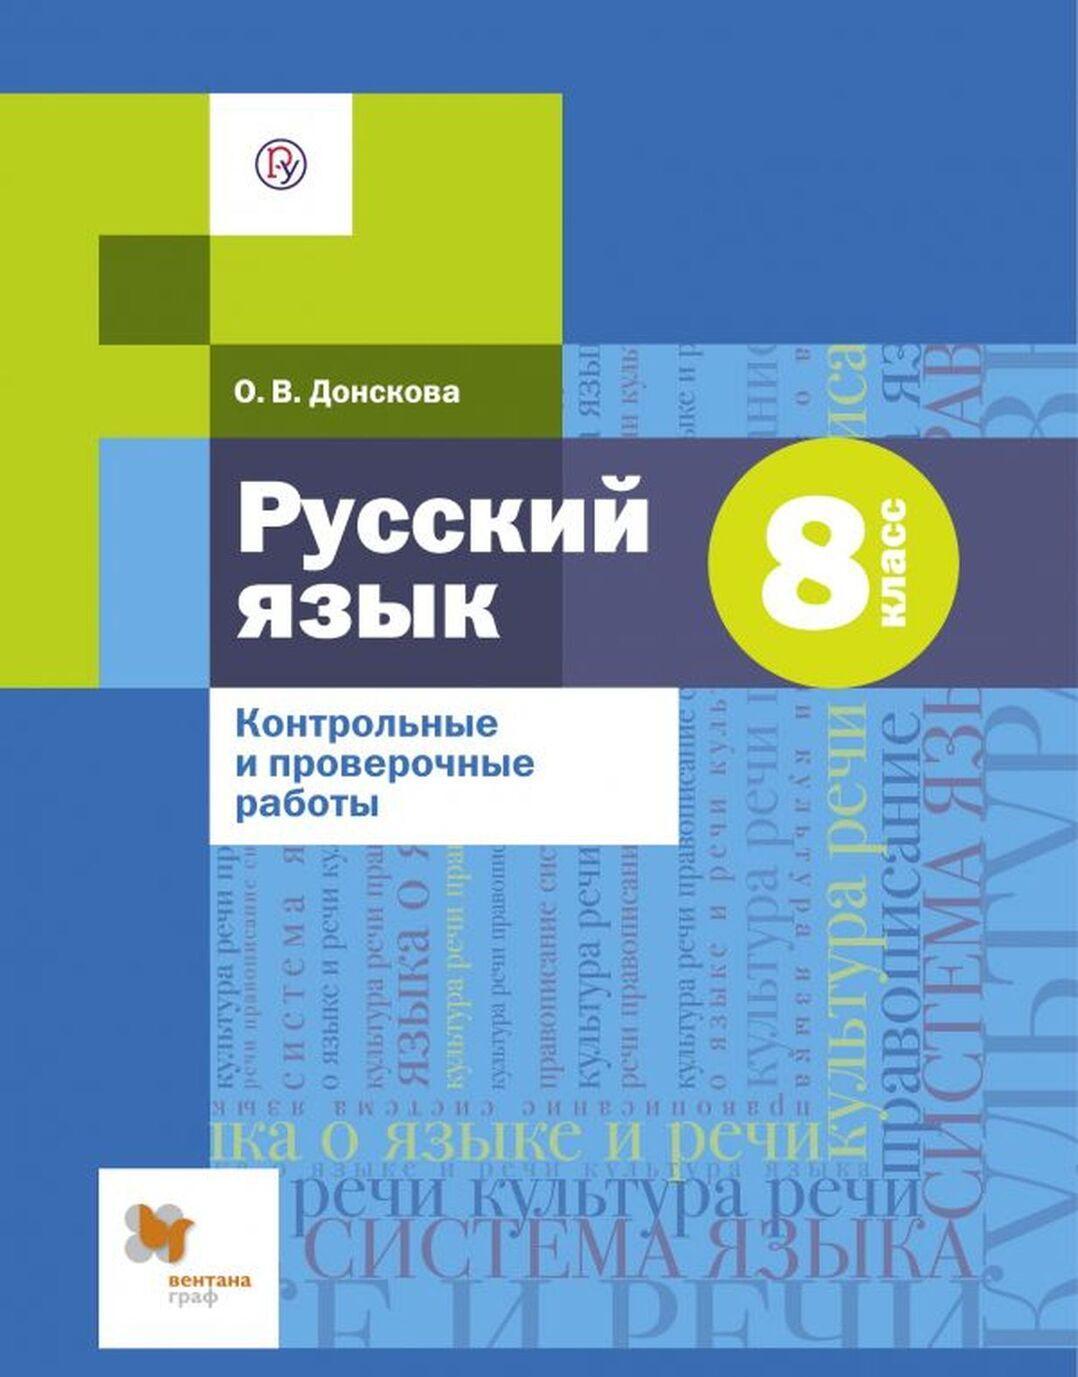 Russkij jazyk. 8 klass. Kontrolnye i proverochnye raboty | Donskova Olga Vjacheslavovna